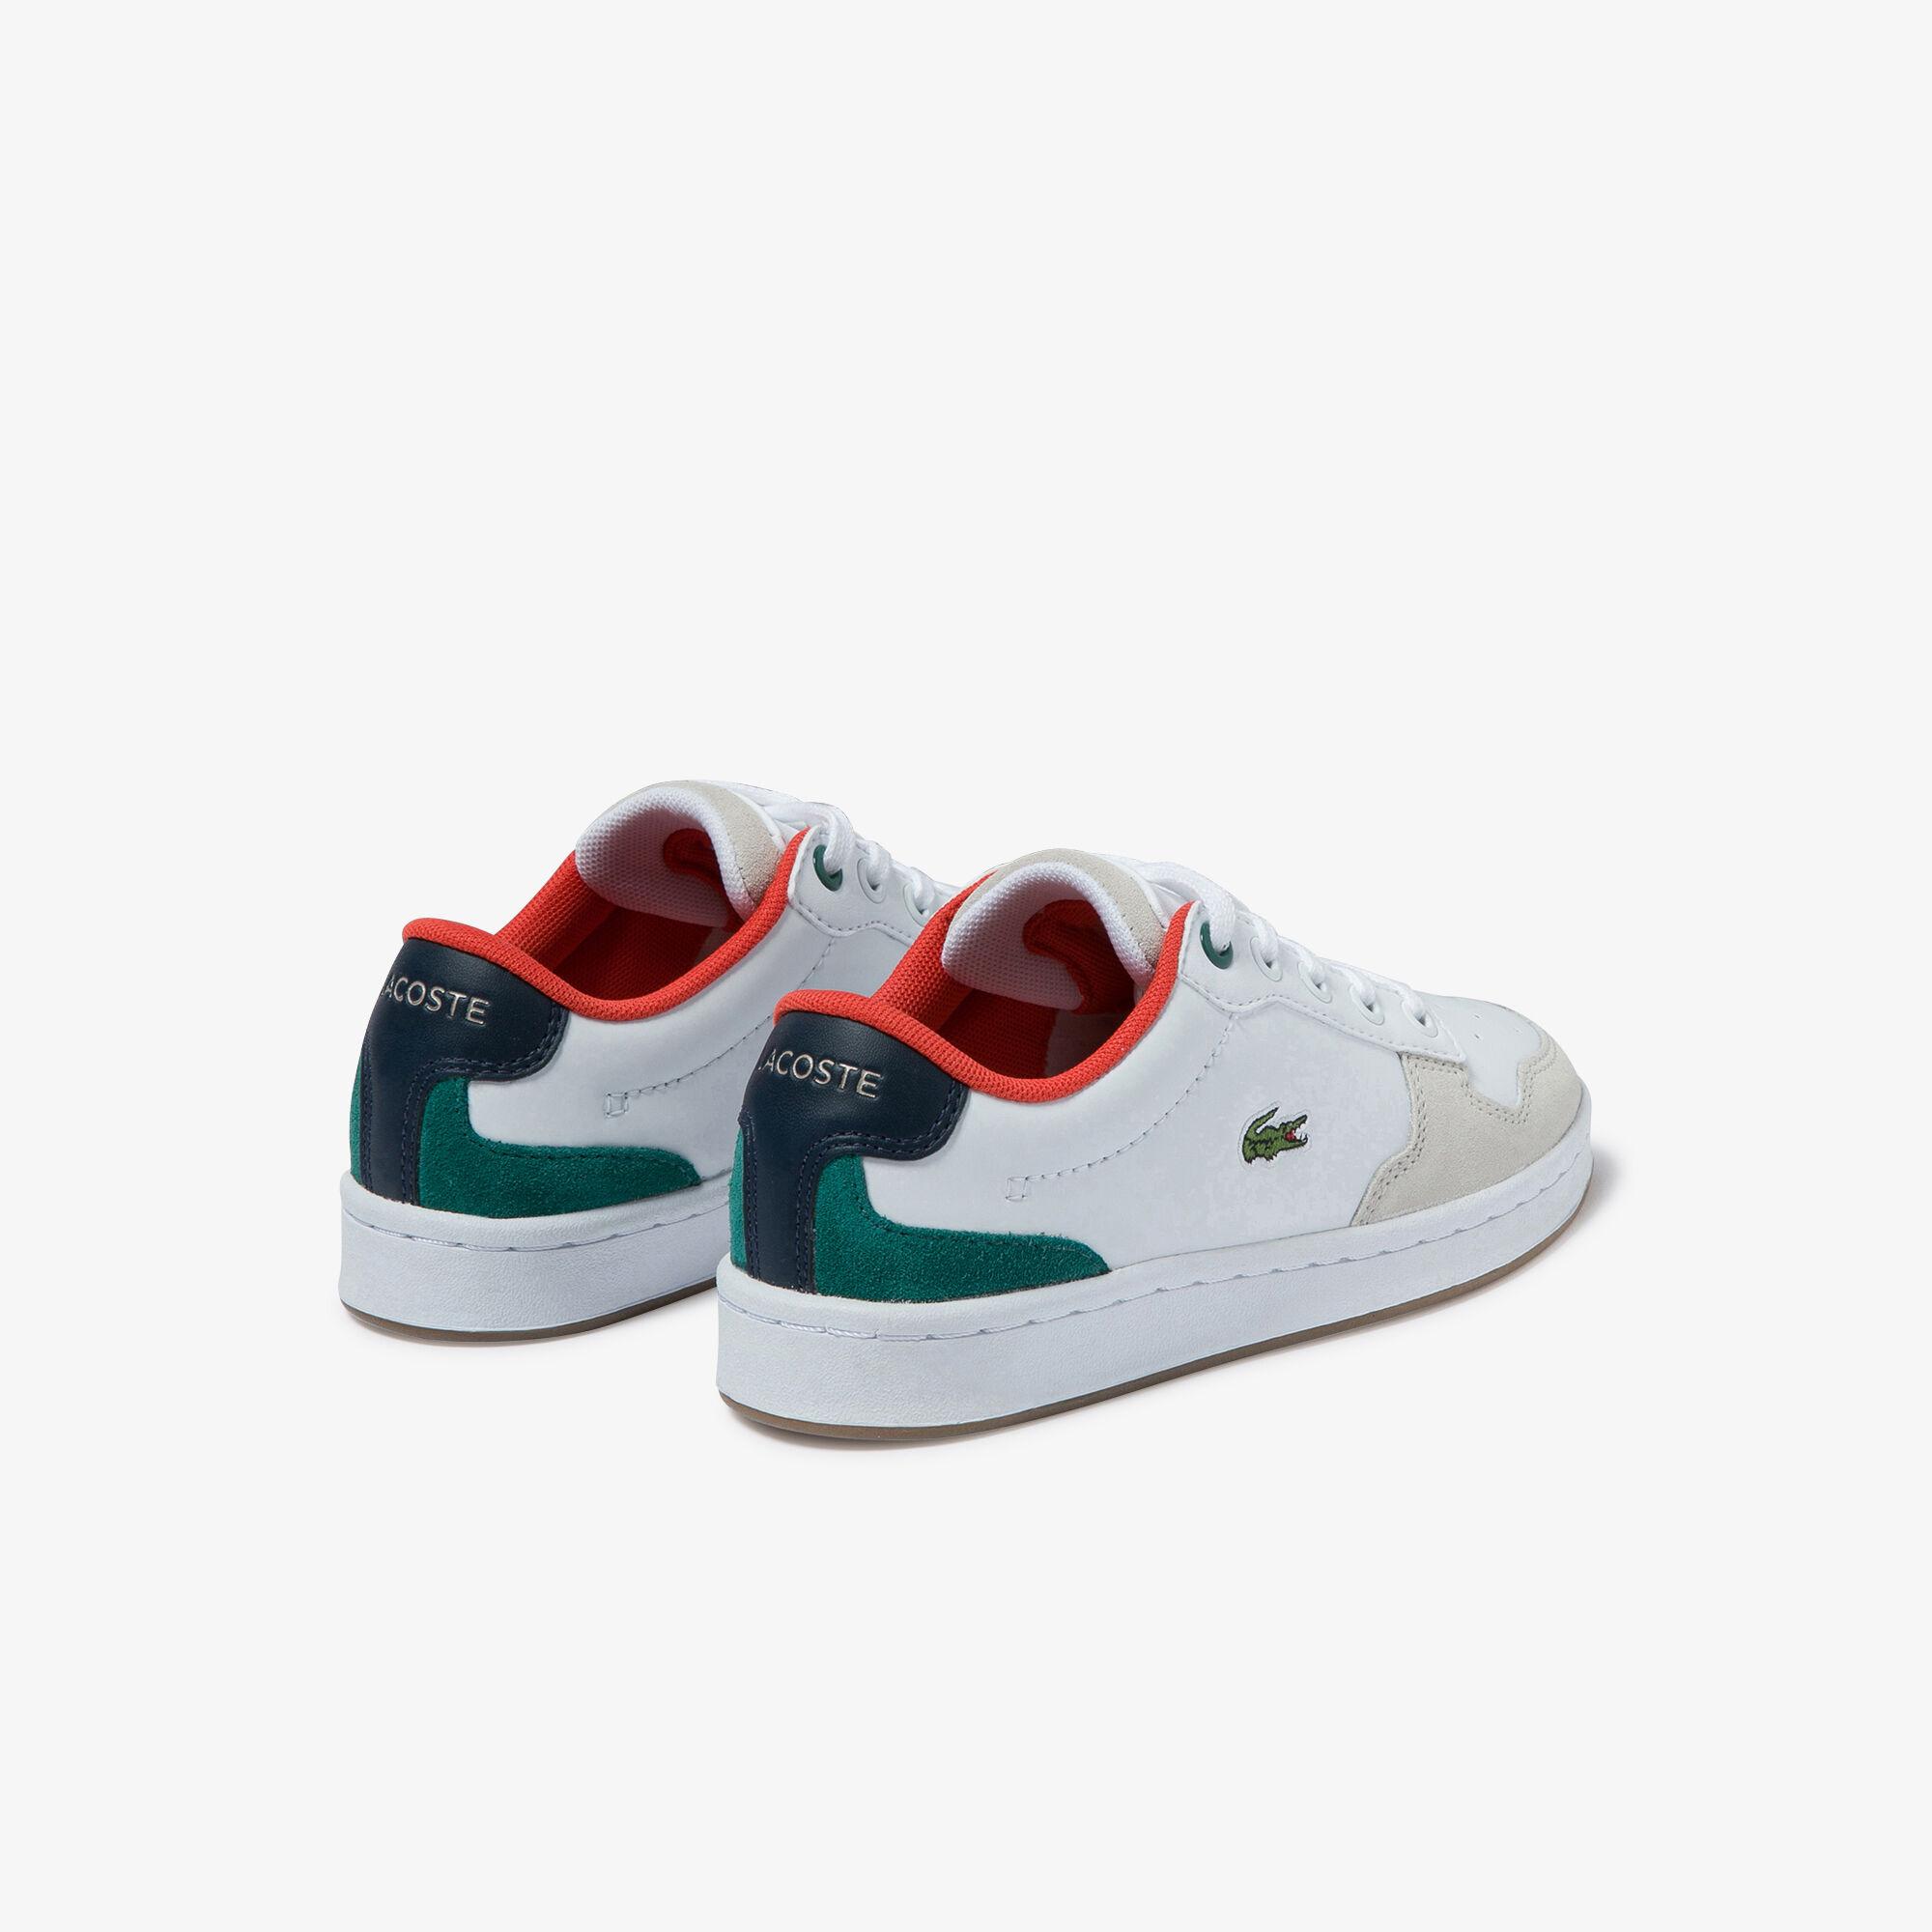 حذاءرياضي من الجلد من مجموعة Masters Cup Metallic للأطفال